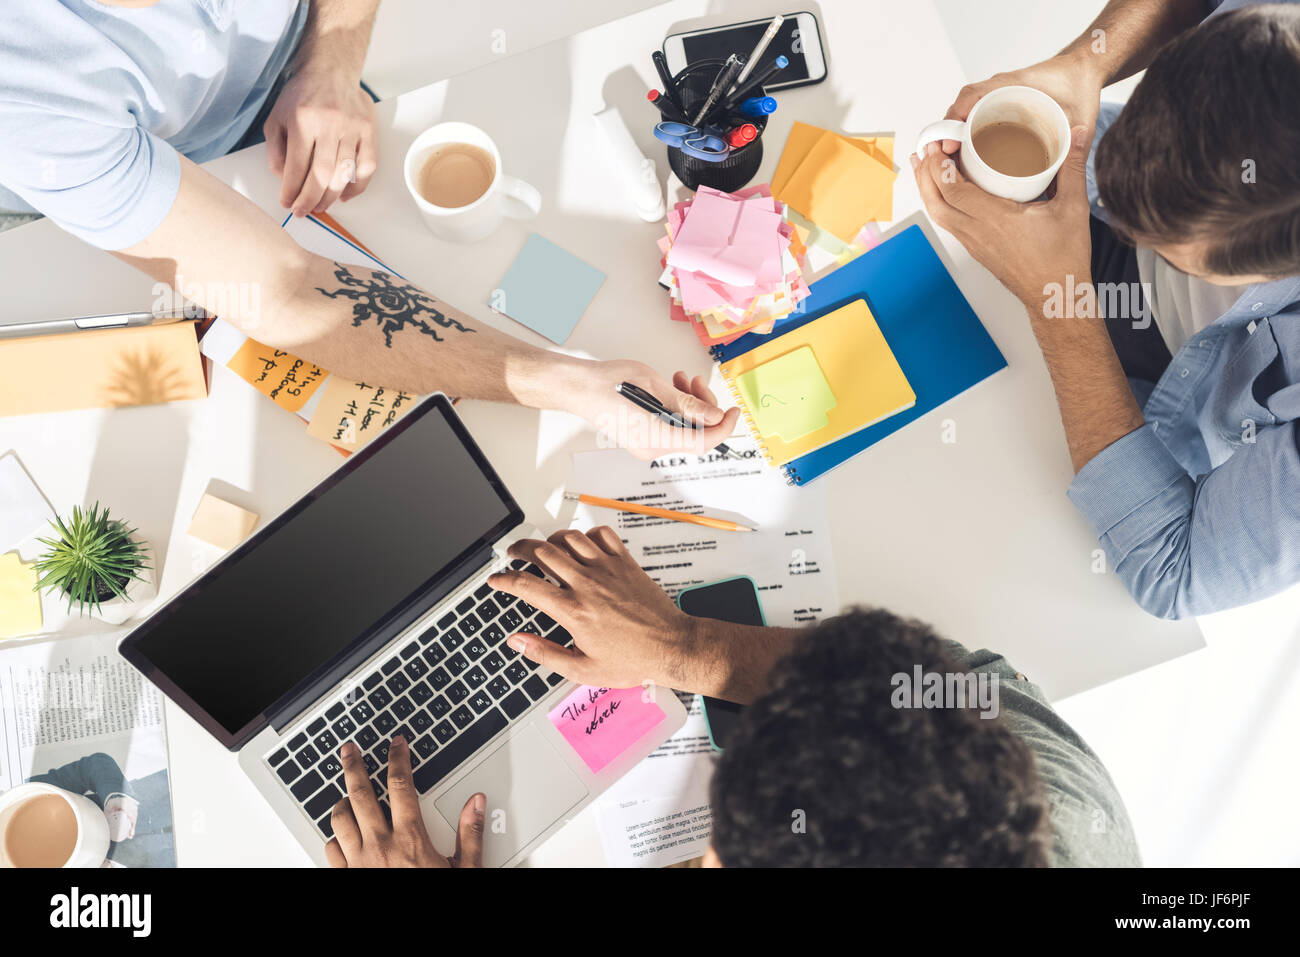 Les hommes d'affaires occasionnels qui travaillent sur de nouveaux projet au bureau d'affaires moderne, Photo Stock